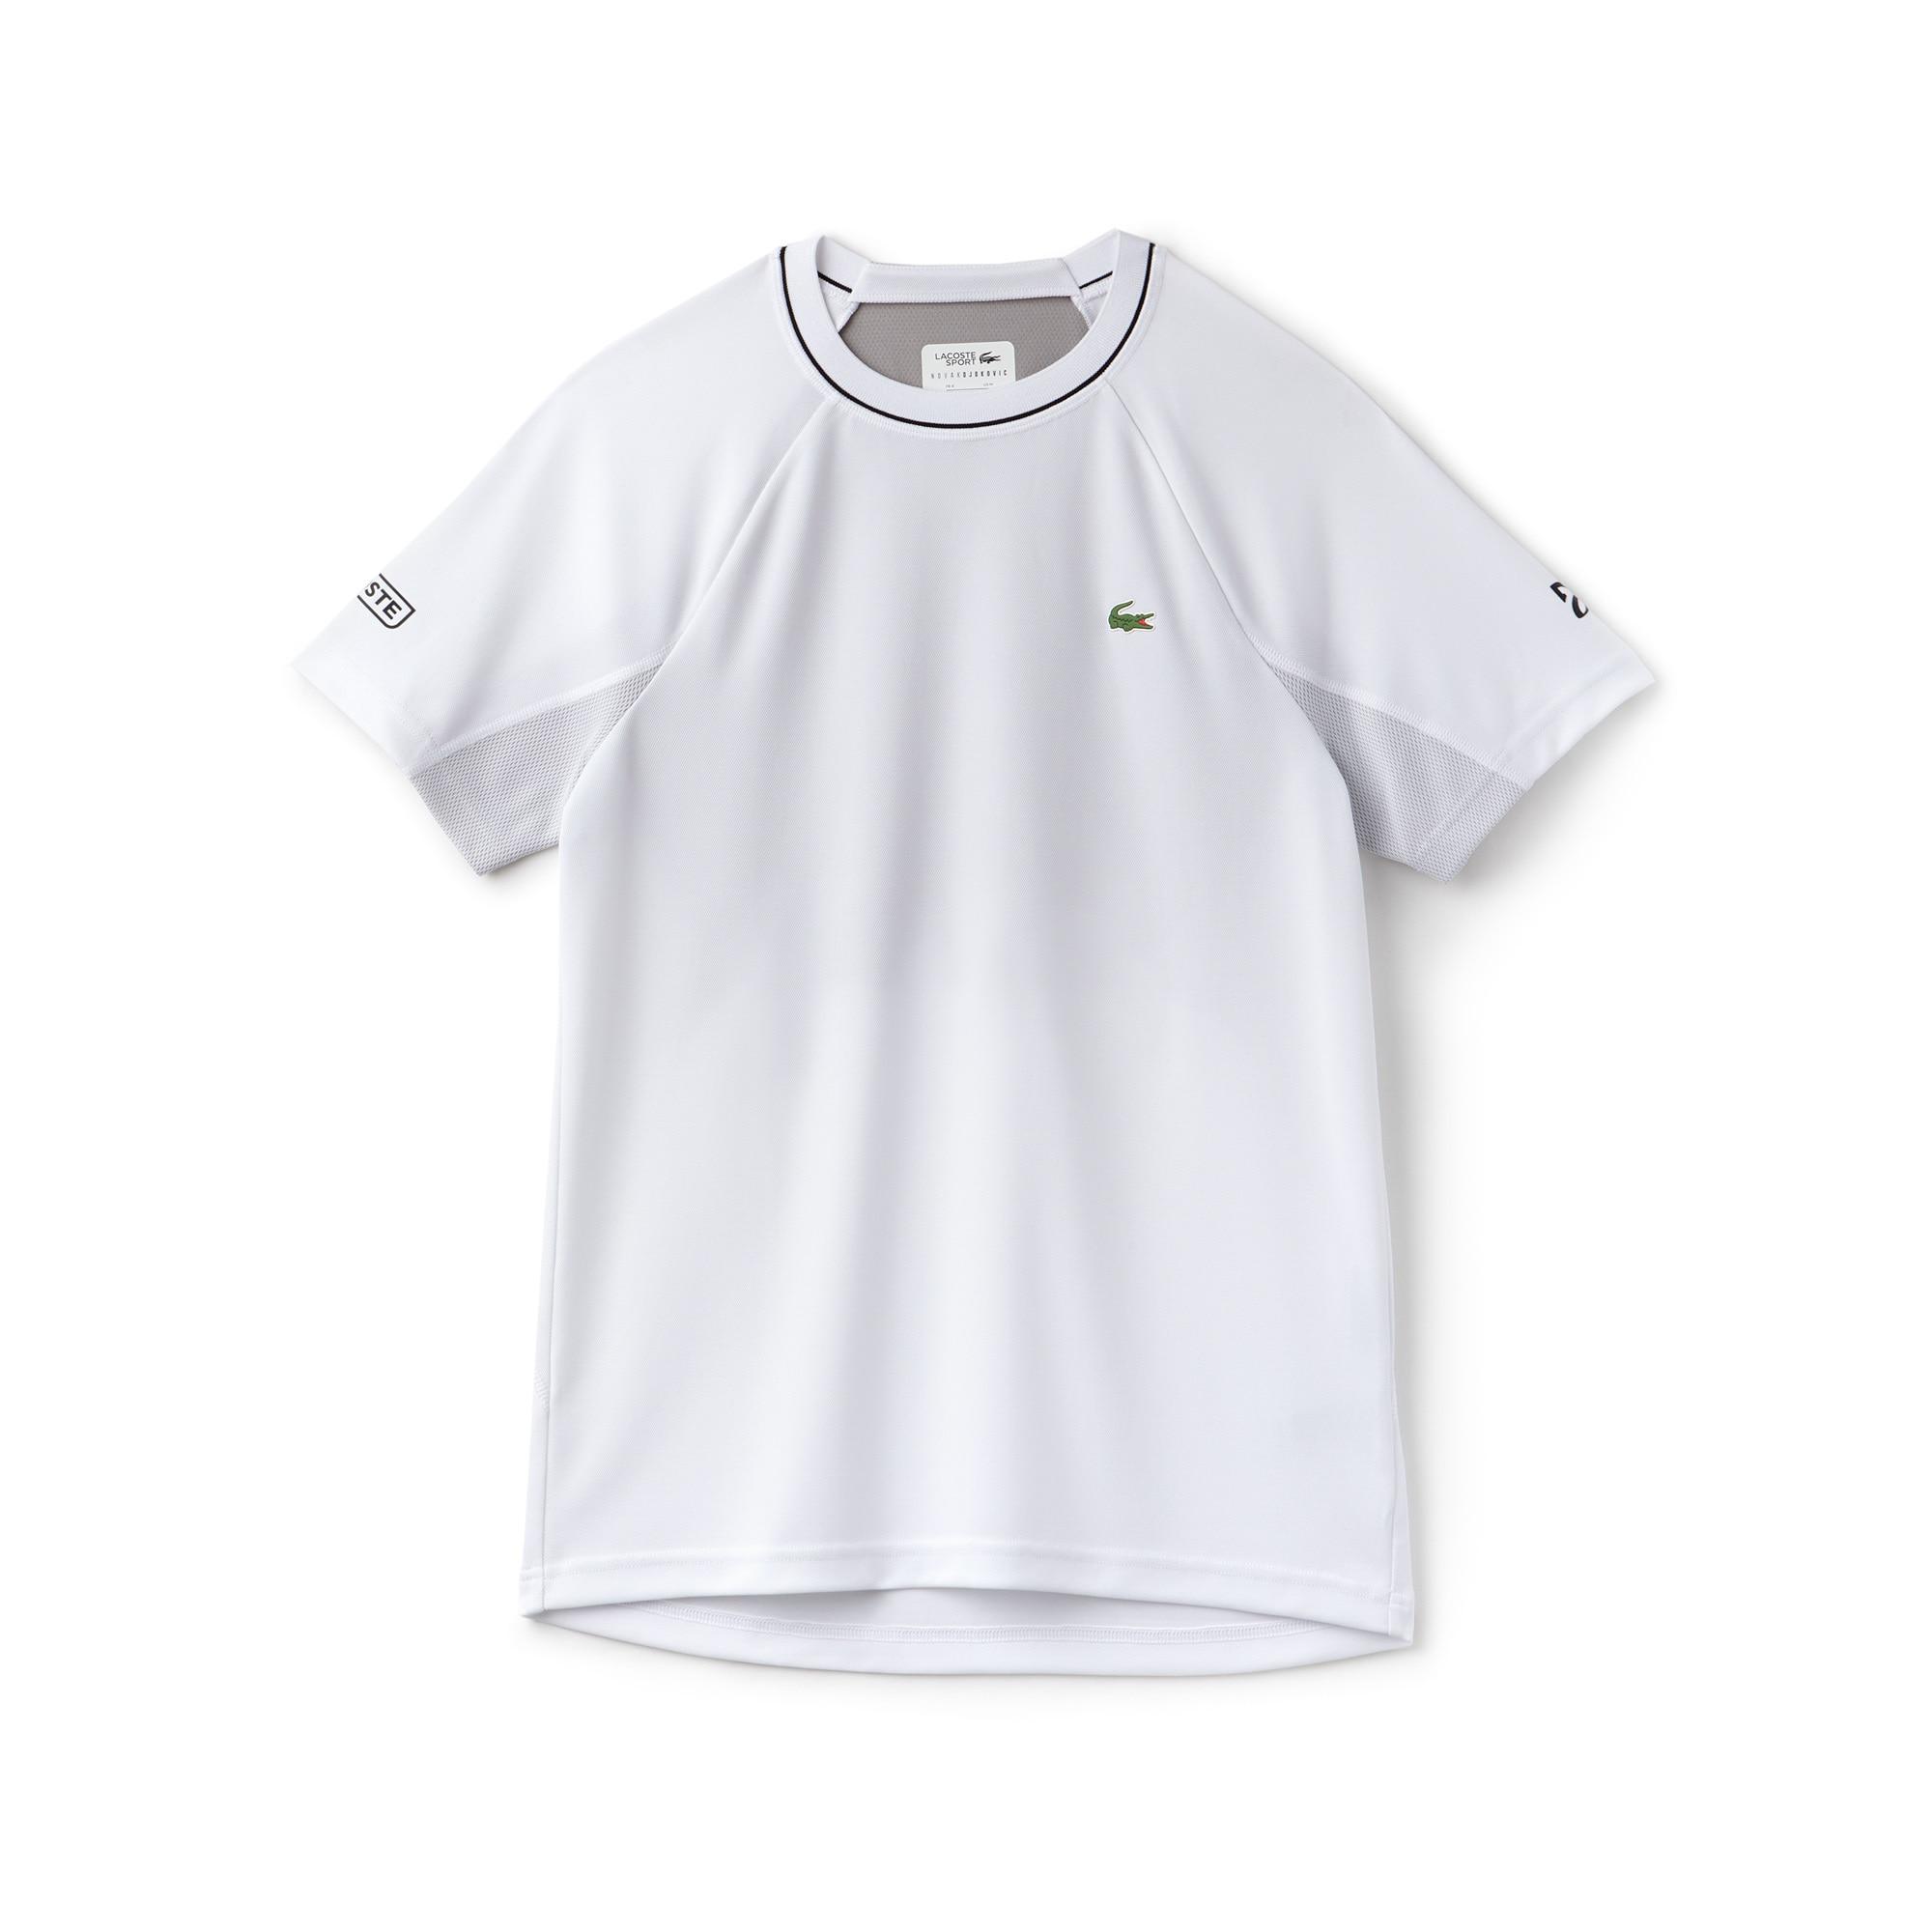 T-shirt col rond Lacoste SPORT COLLECTION NOVAK DJOKOVIC SUPPORT WITH STYLE en piqué technique et mesh